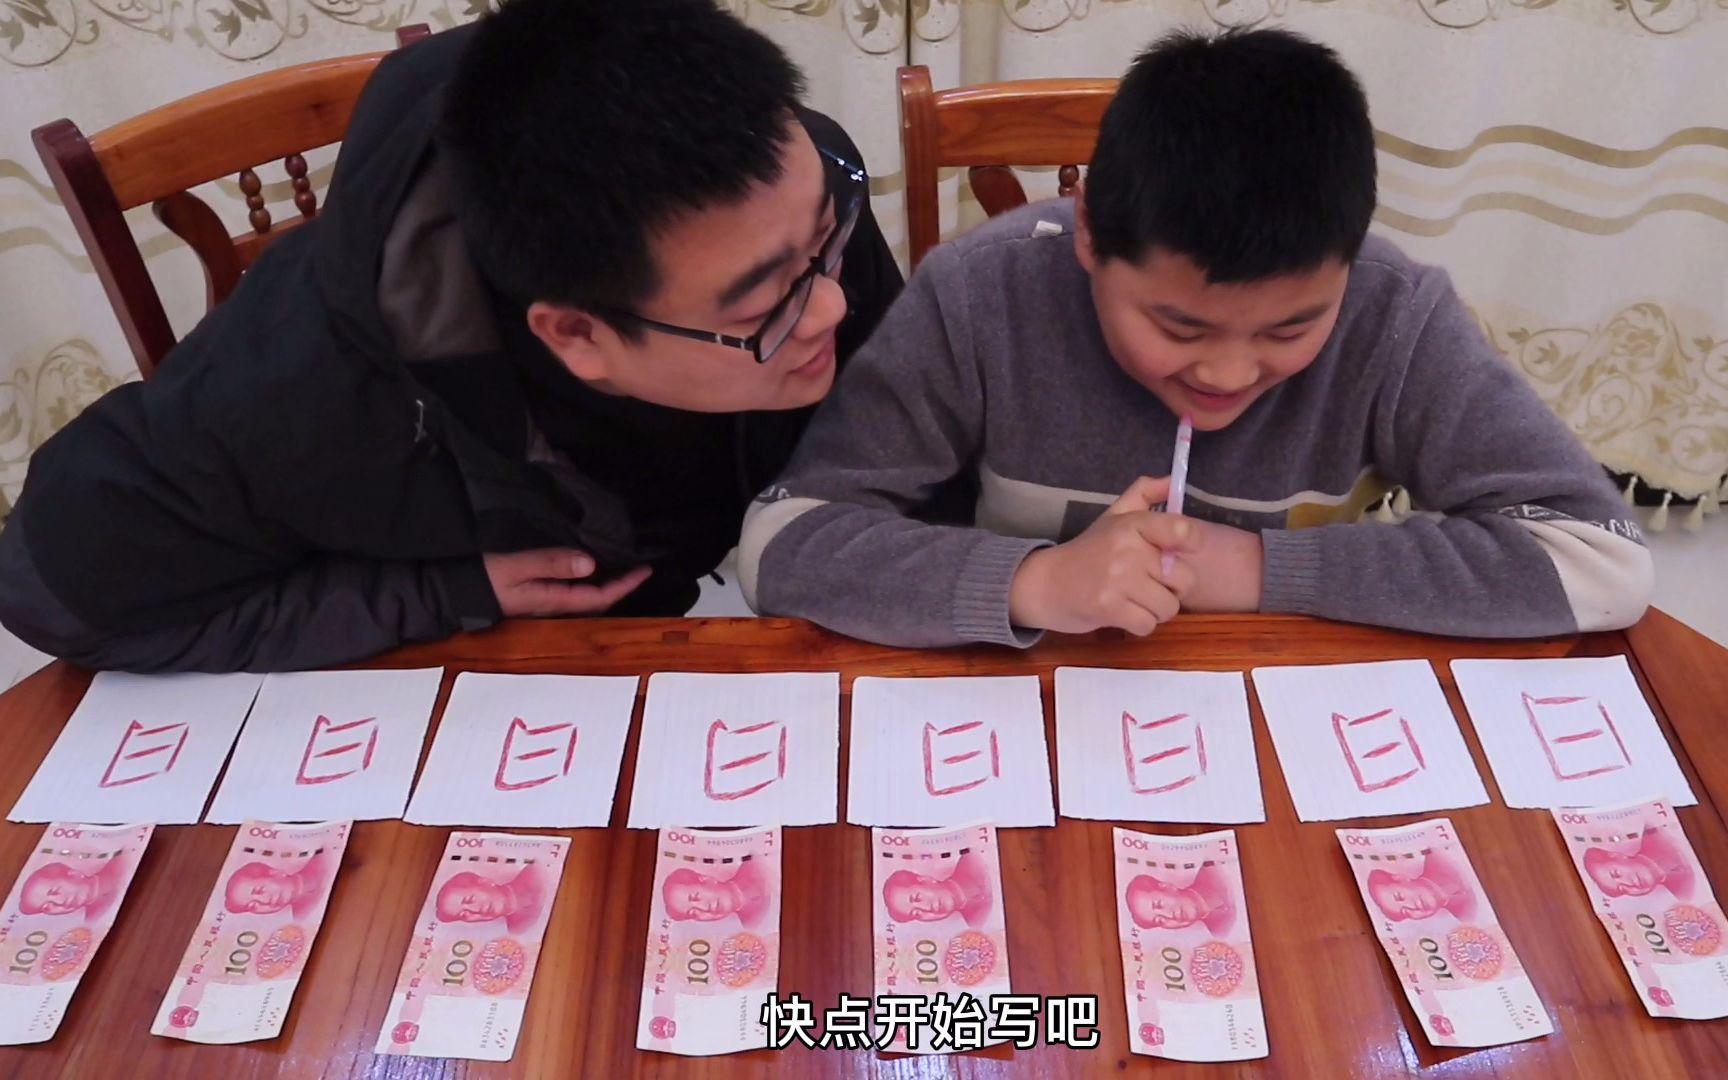 """一个日加一个立_""""日""""加一笔组成一个新的汉字,写出一个给100块,弟弟能拿到 ..."""